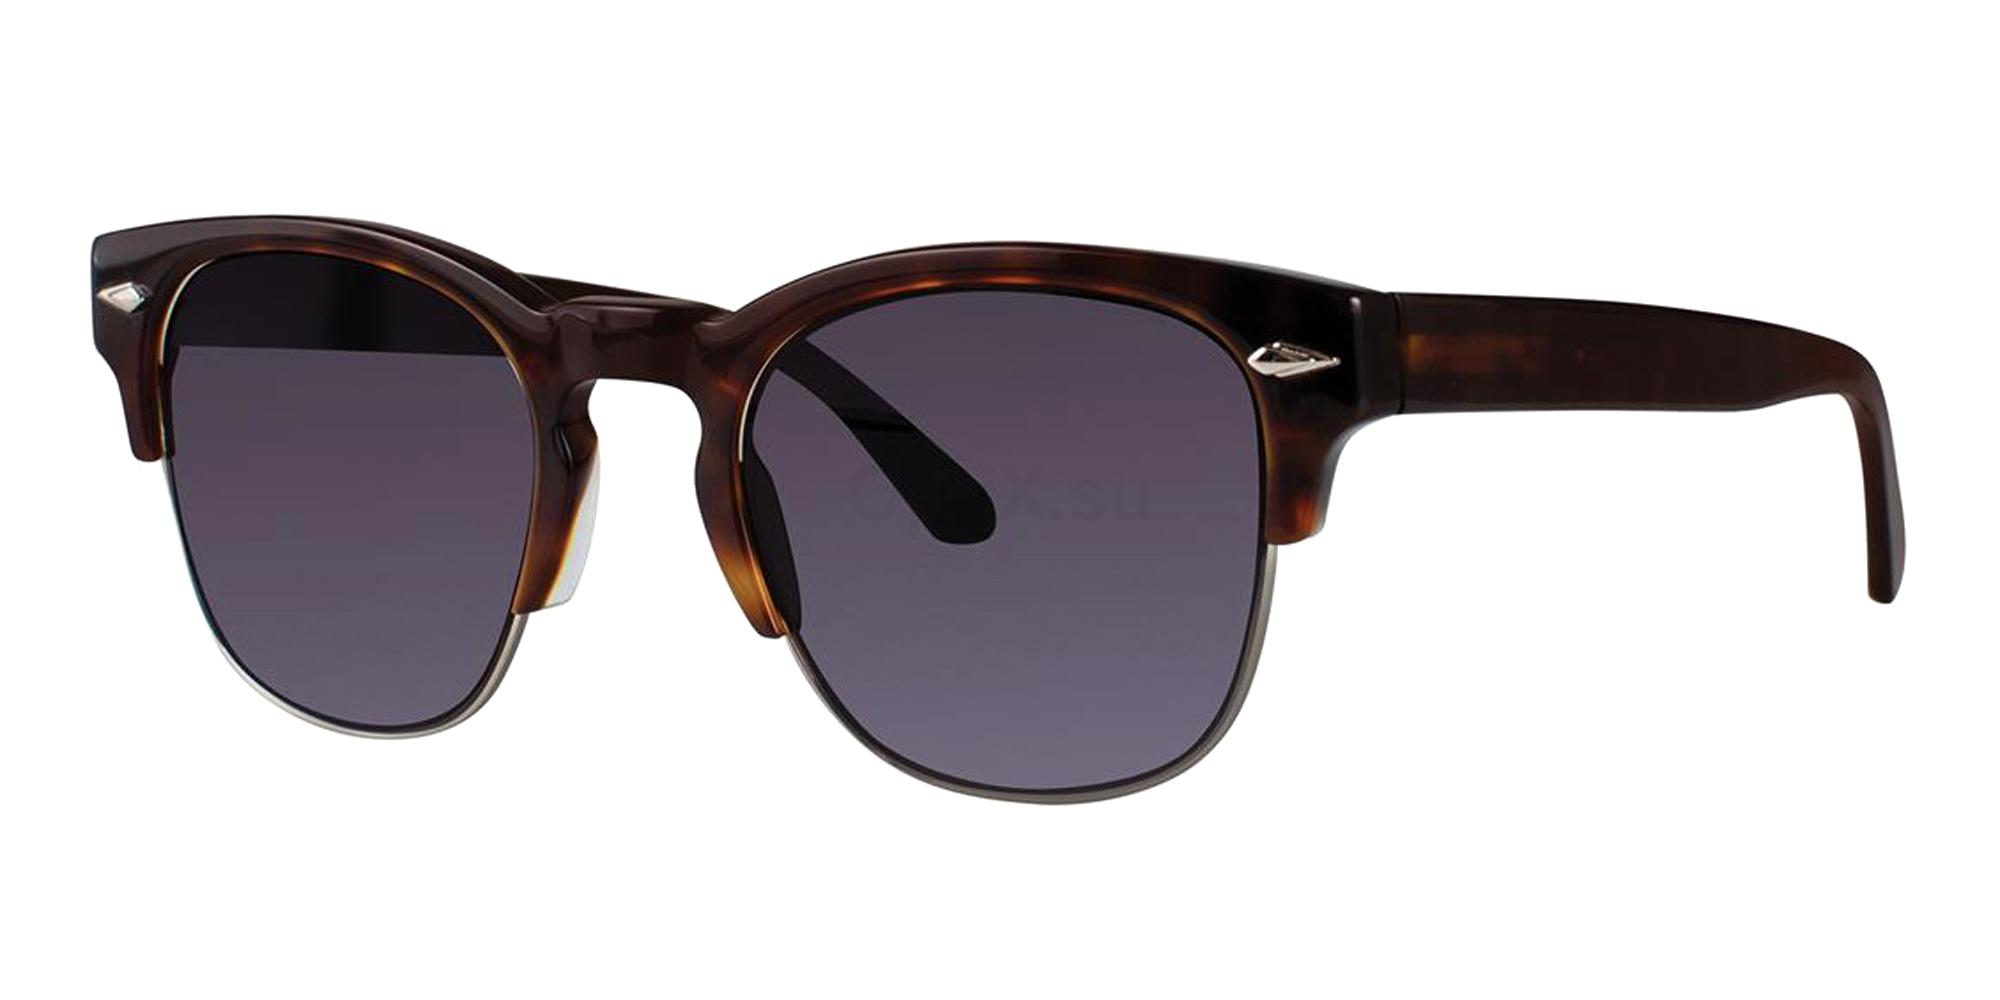 Black ASCOTT Sunglasses, Zac Posen